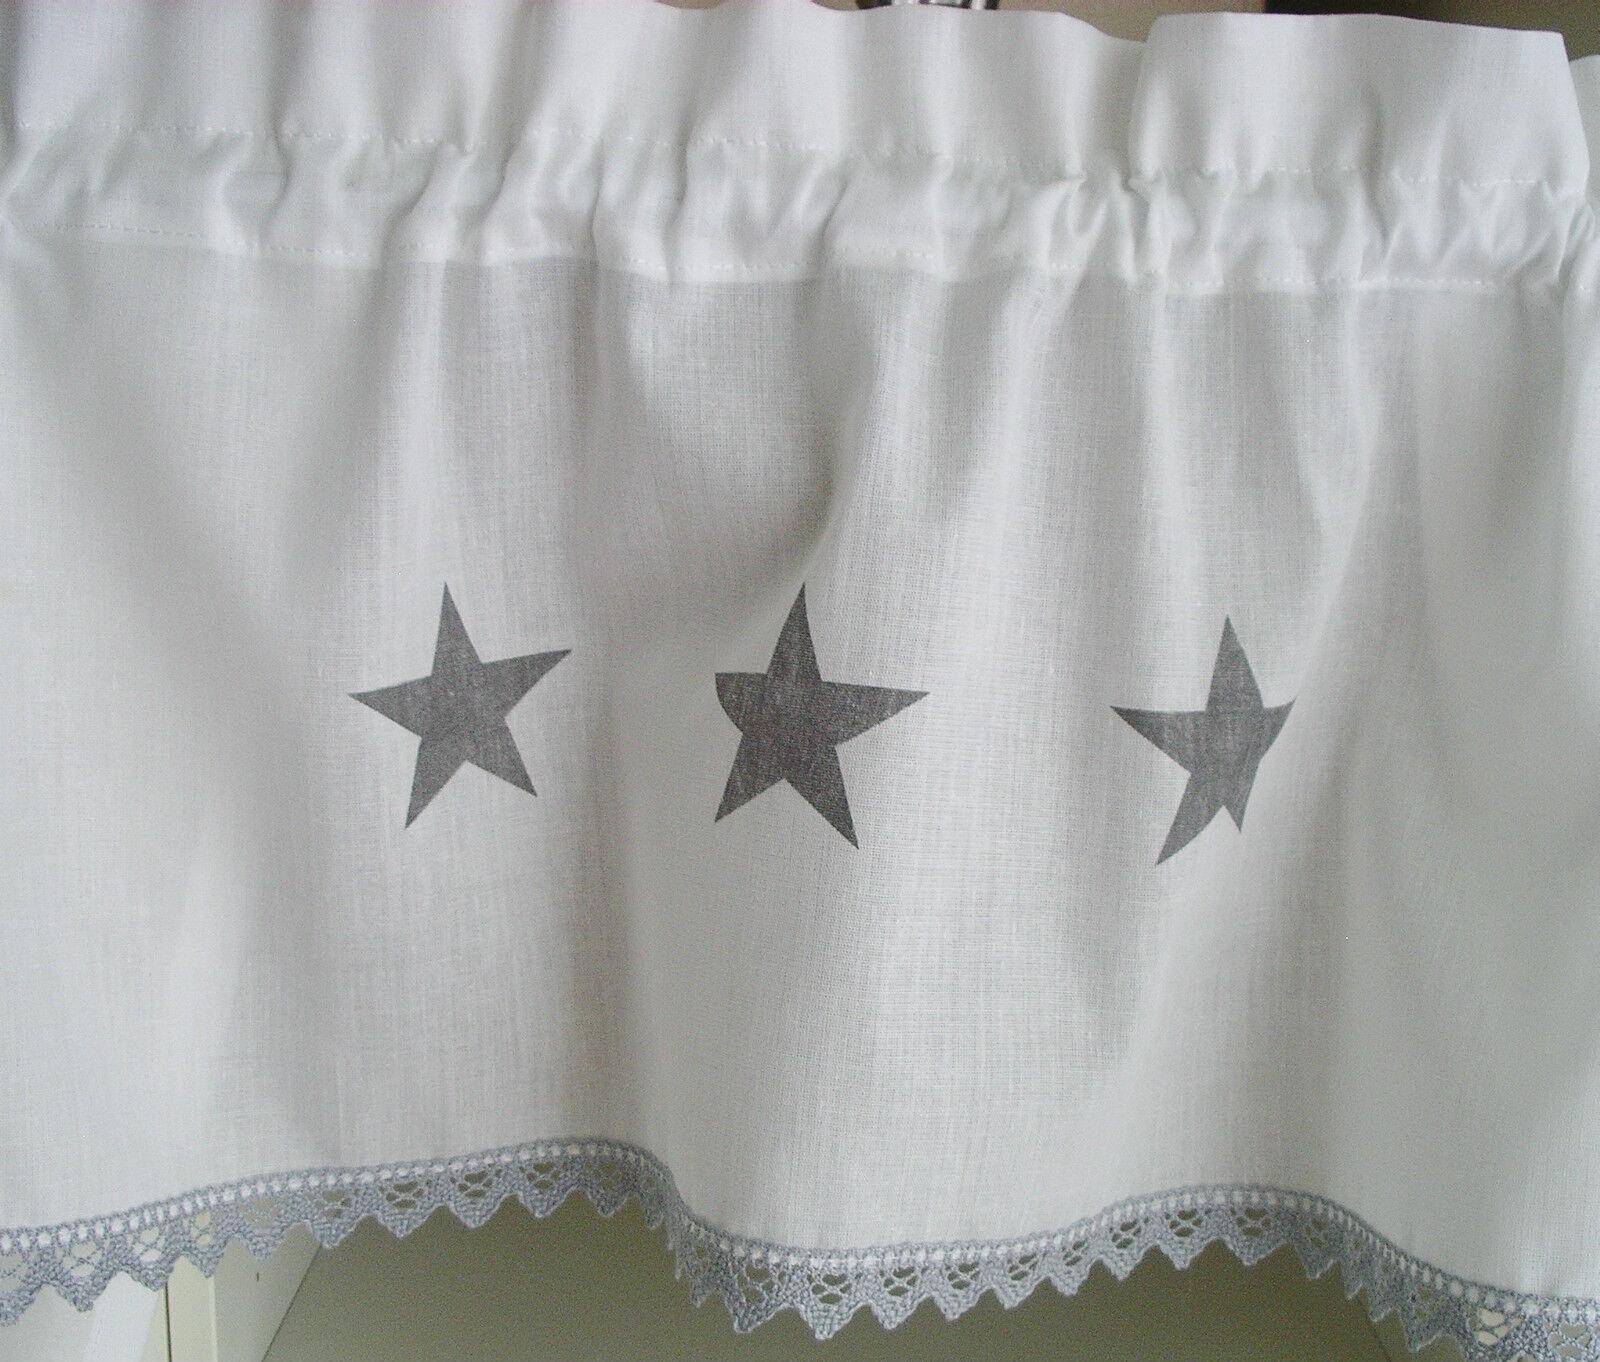 Shabby chic 5 tlg set gardine sterne vorhang schal - Schabracke gardine ...